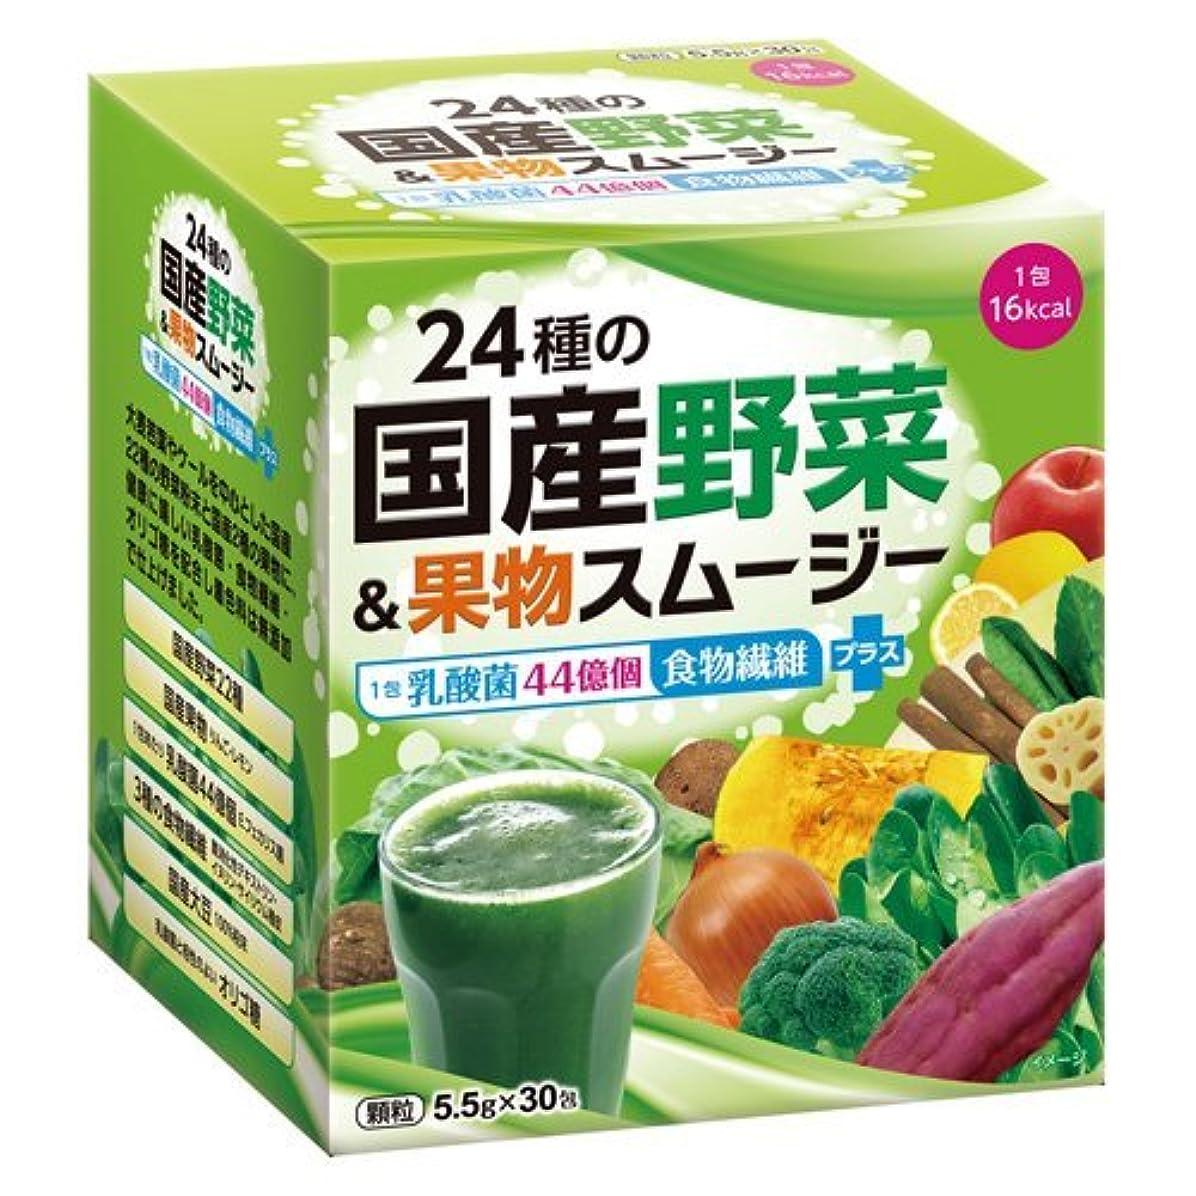 仲間、同僚カメ関係24種の国産野菜&果物スムージー 165g(5.5g×30包)